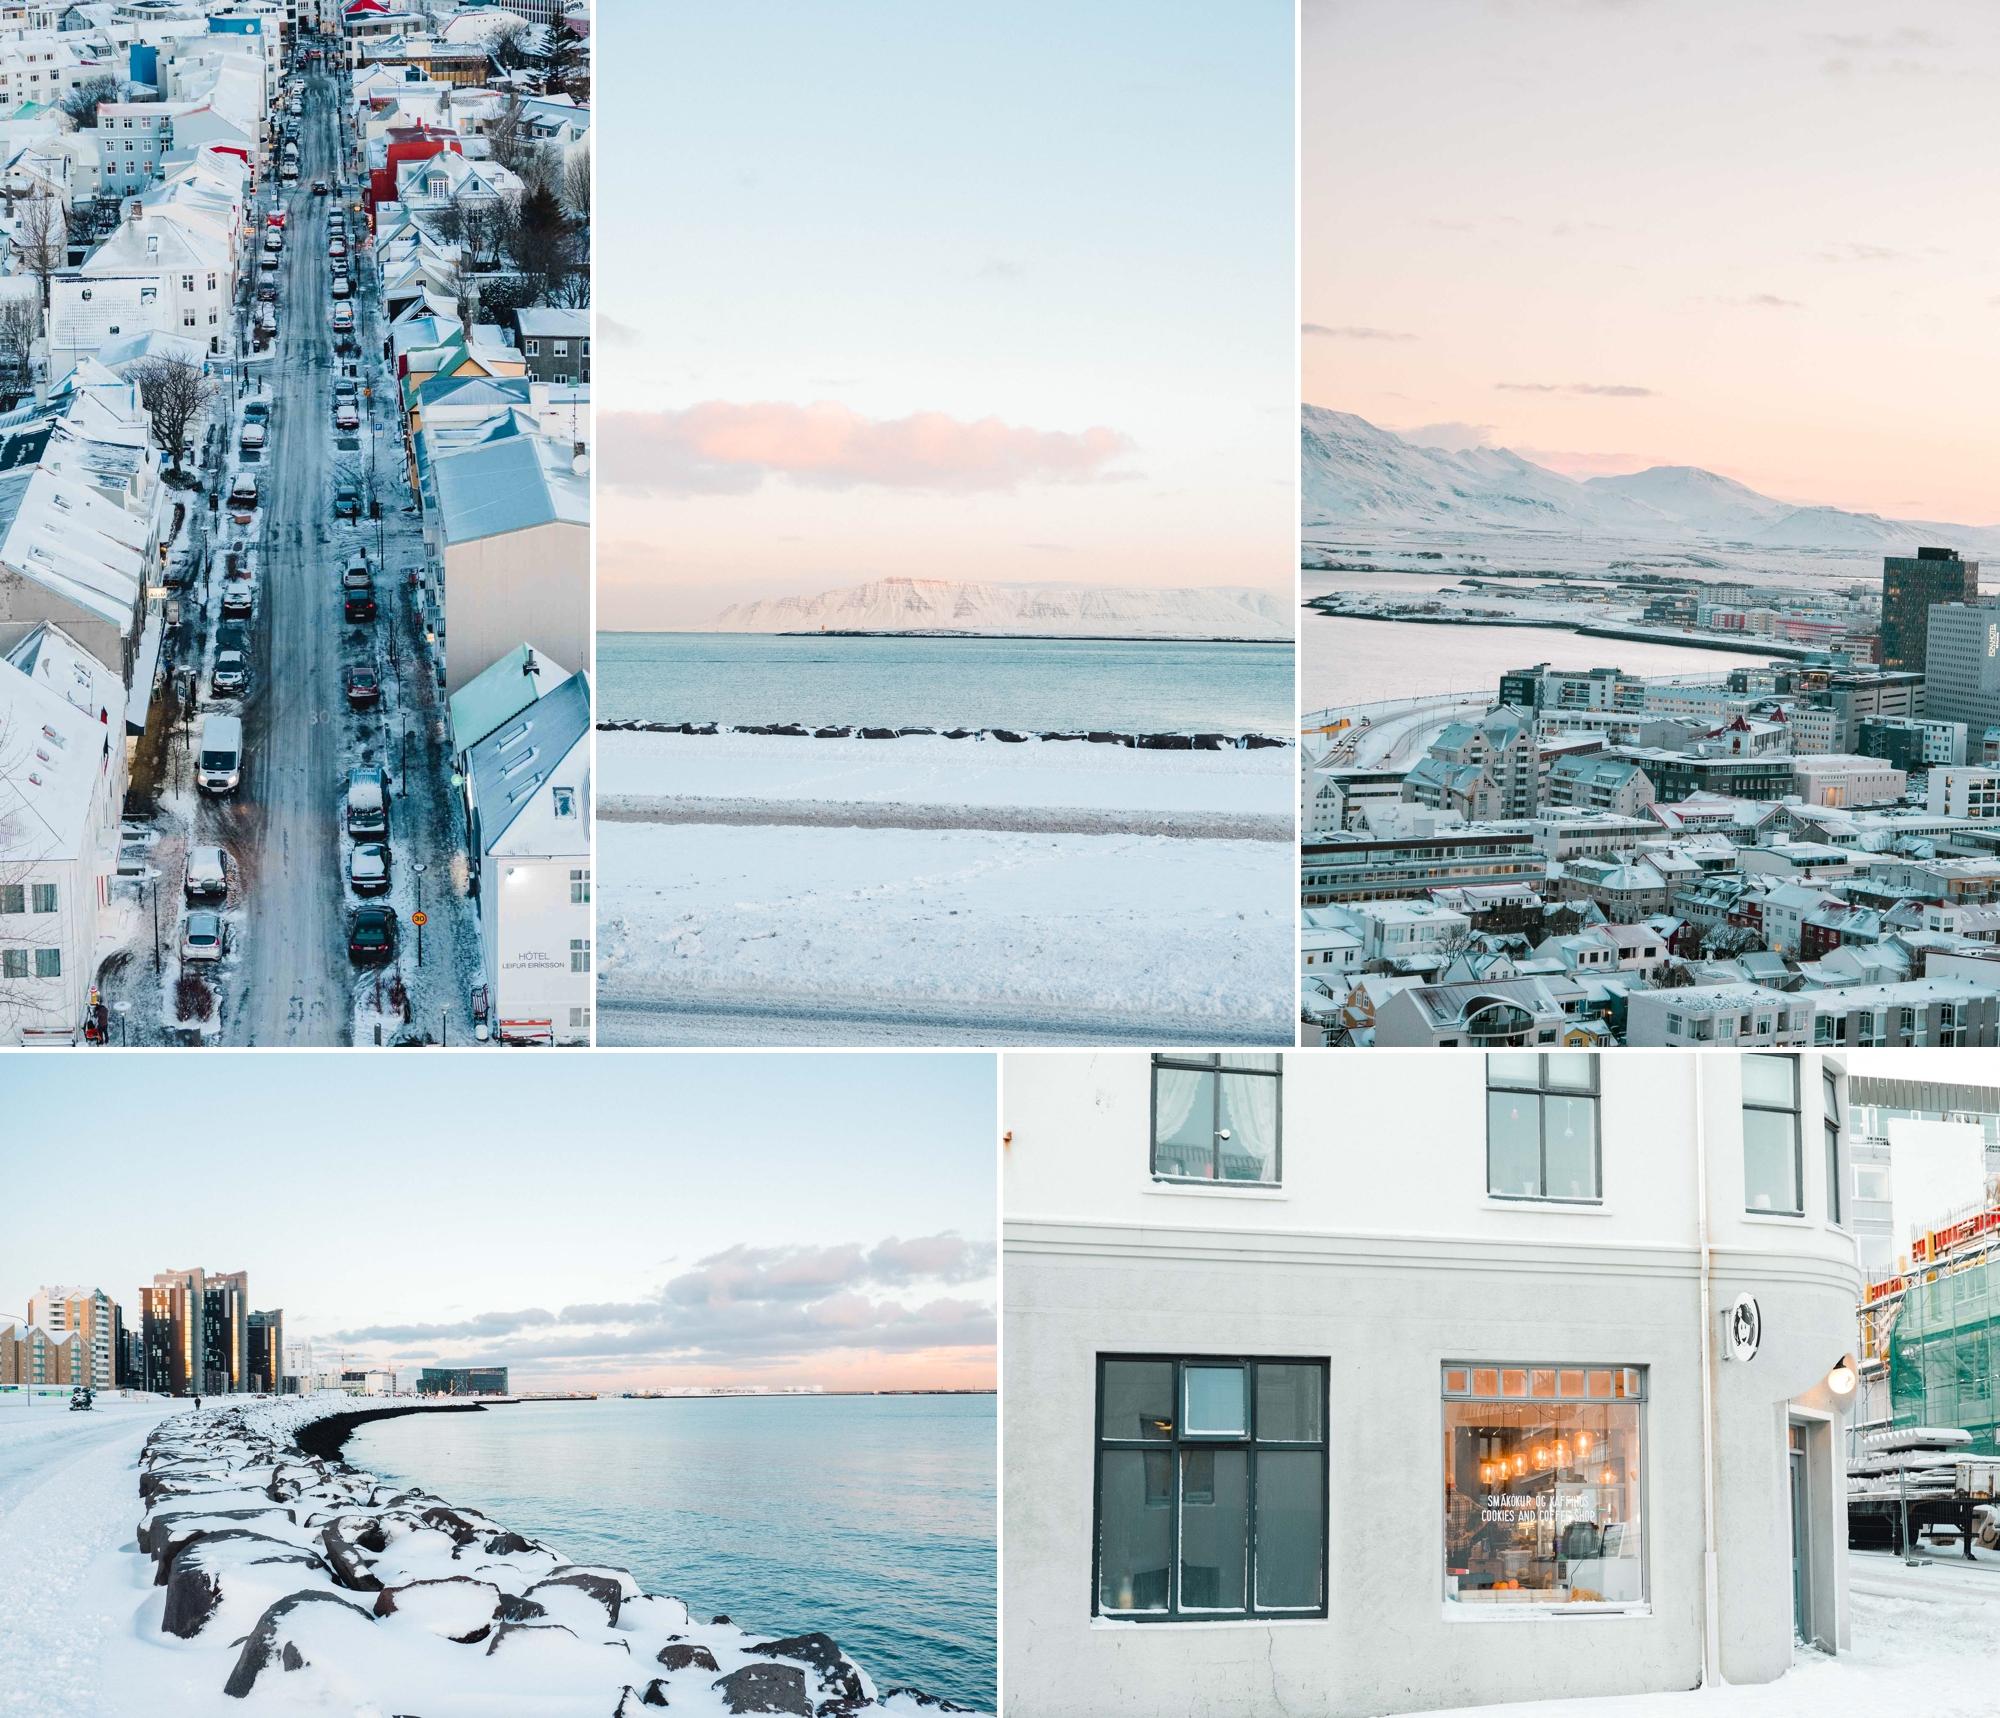 February-in-Iceland-winter-23.jpg